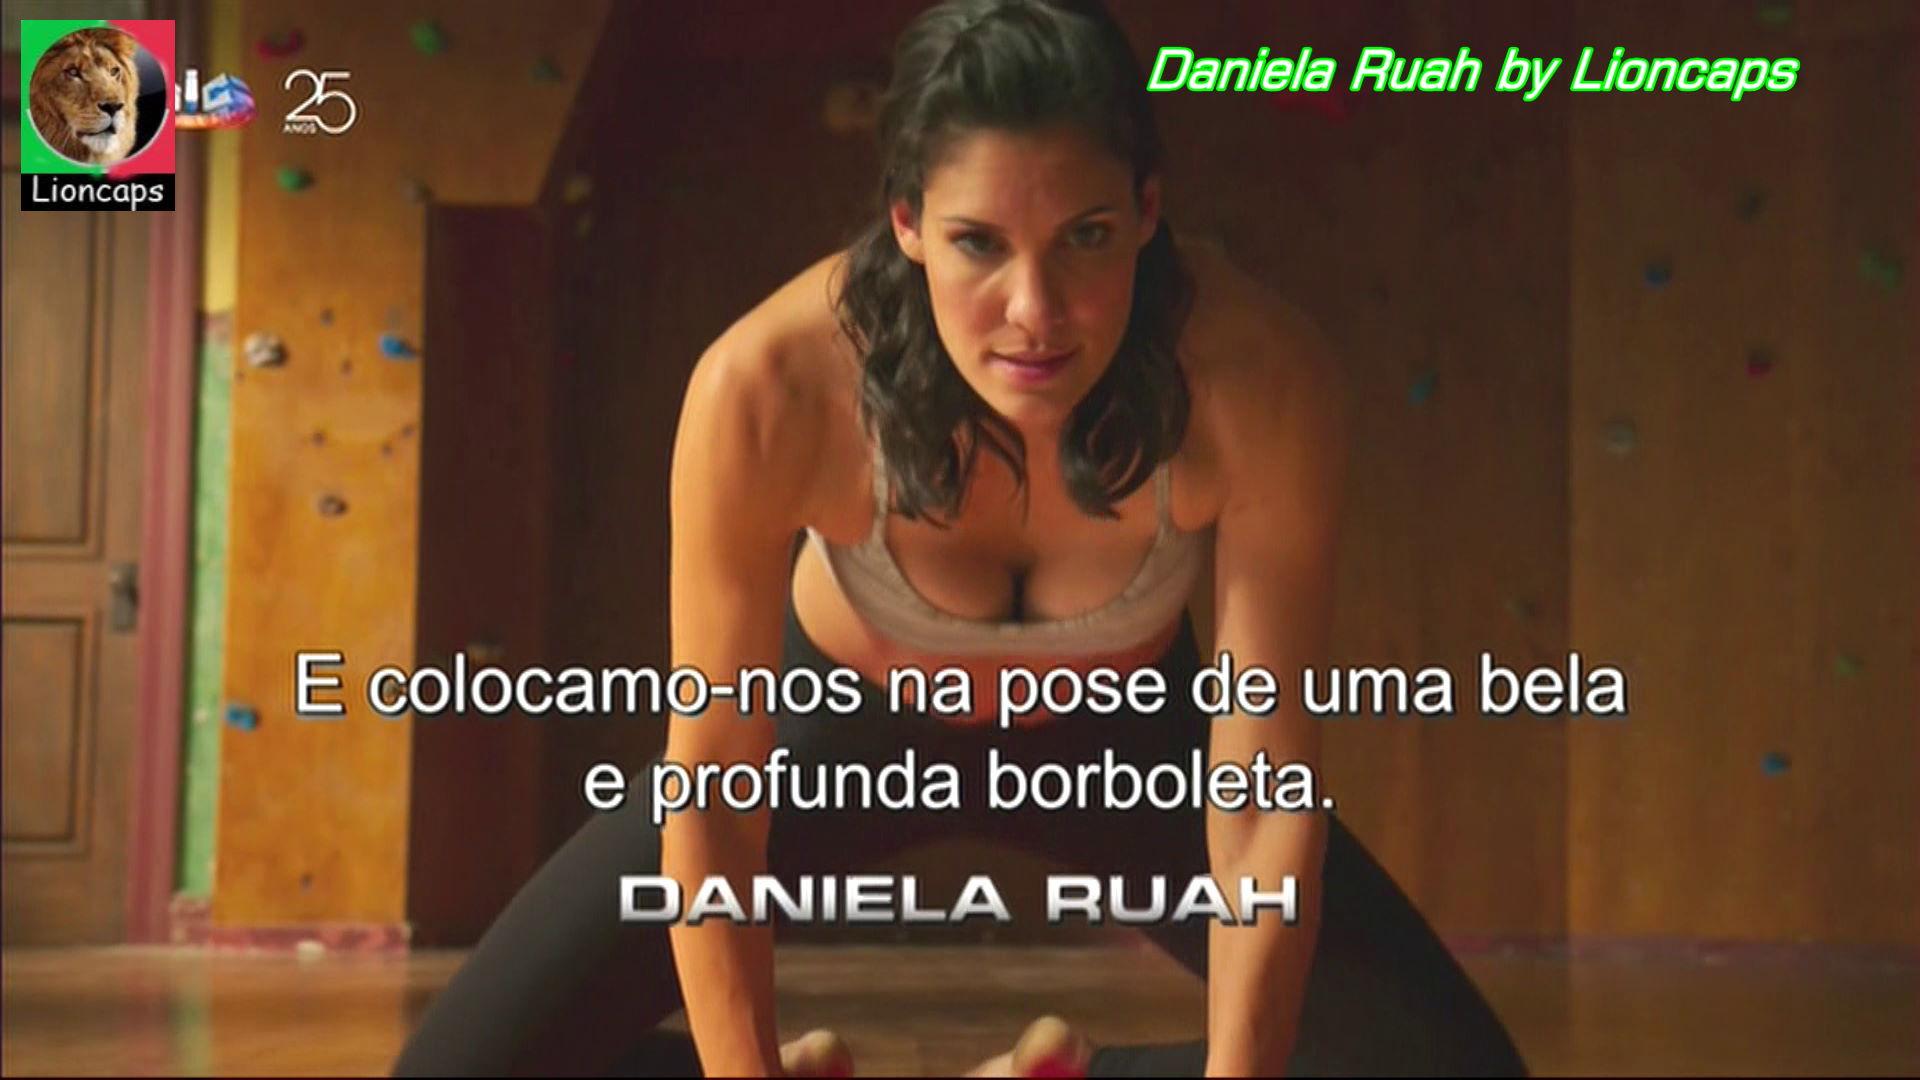 324395264_daniela_ruah_vs170822_0372_122_597lo.JPG